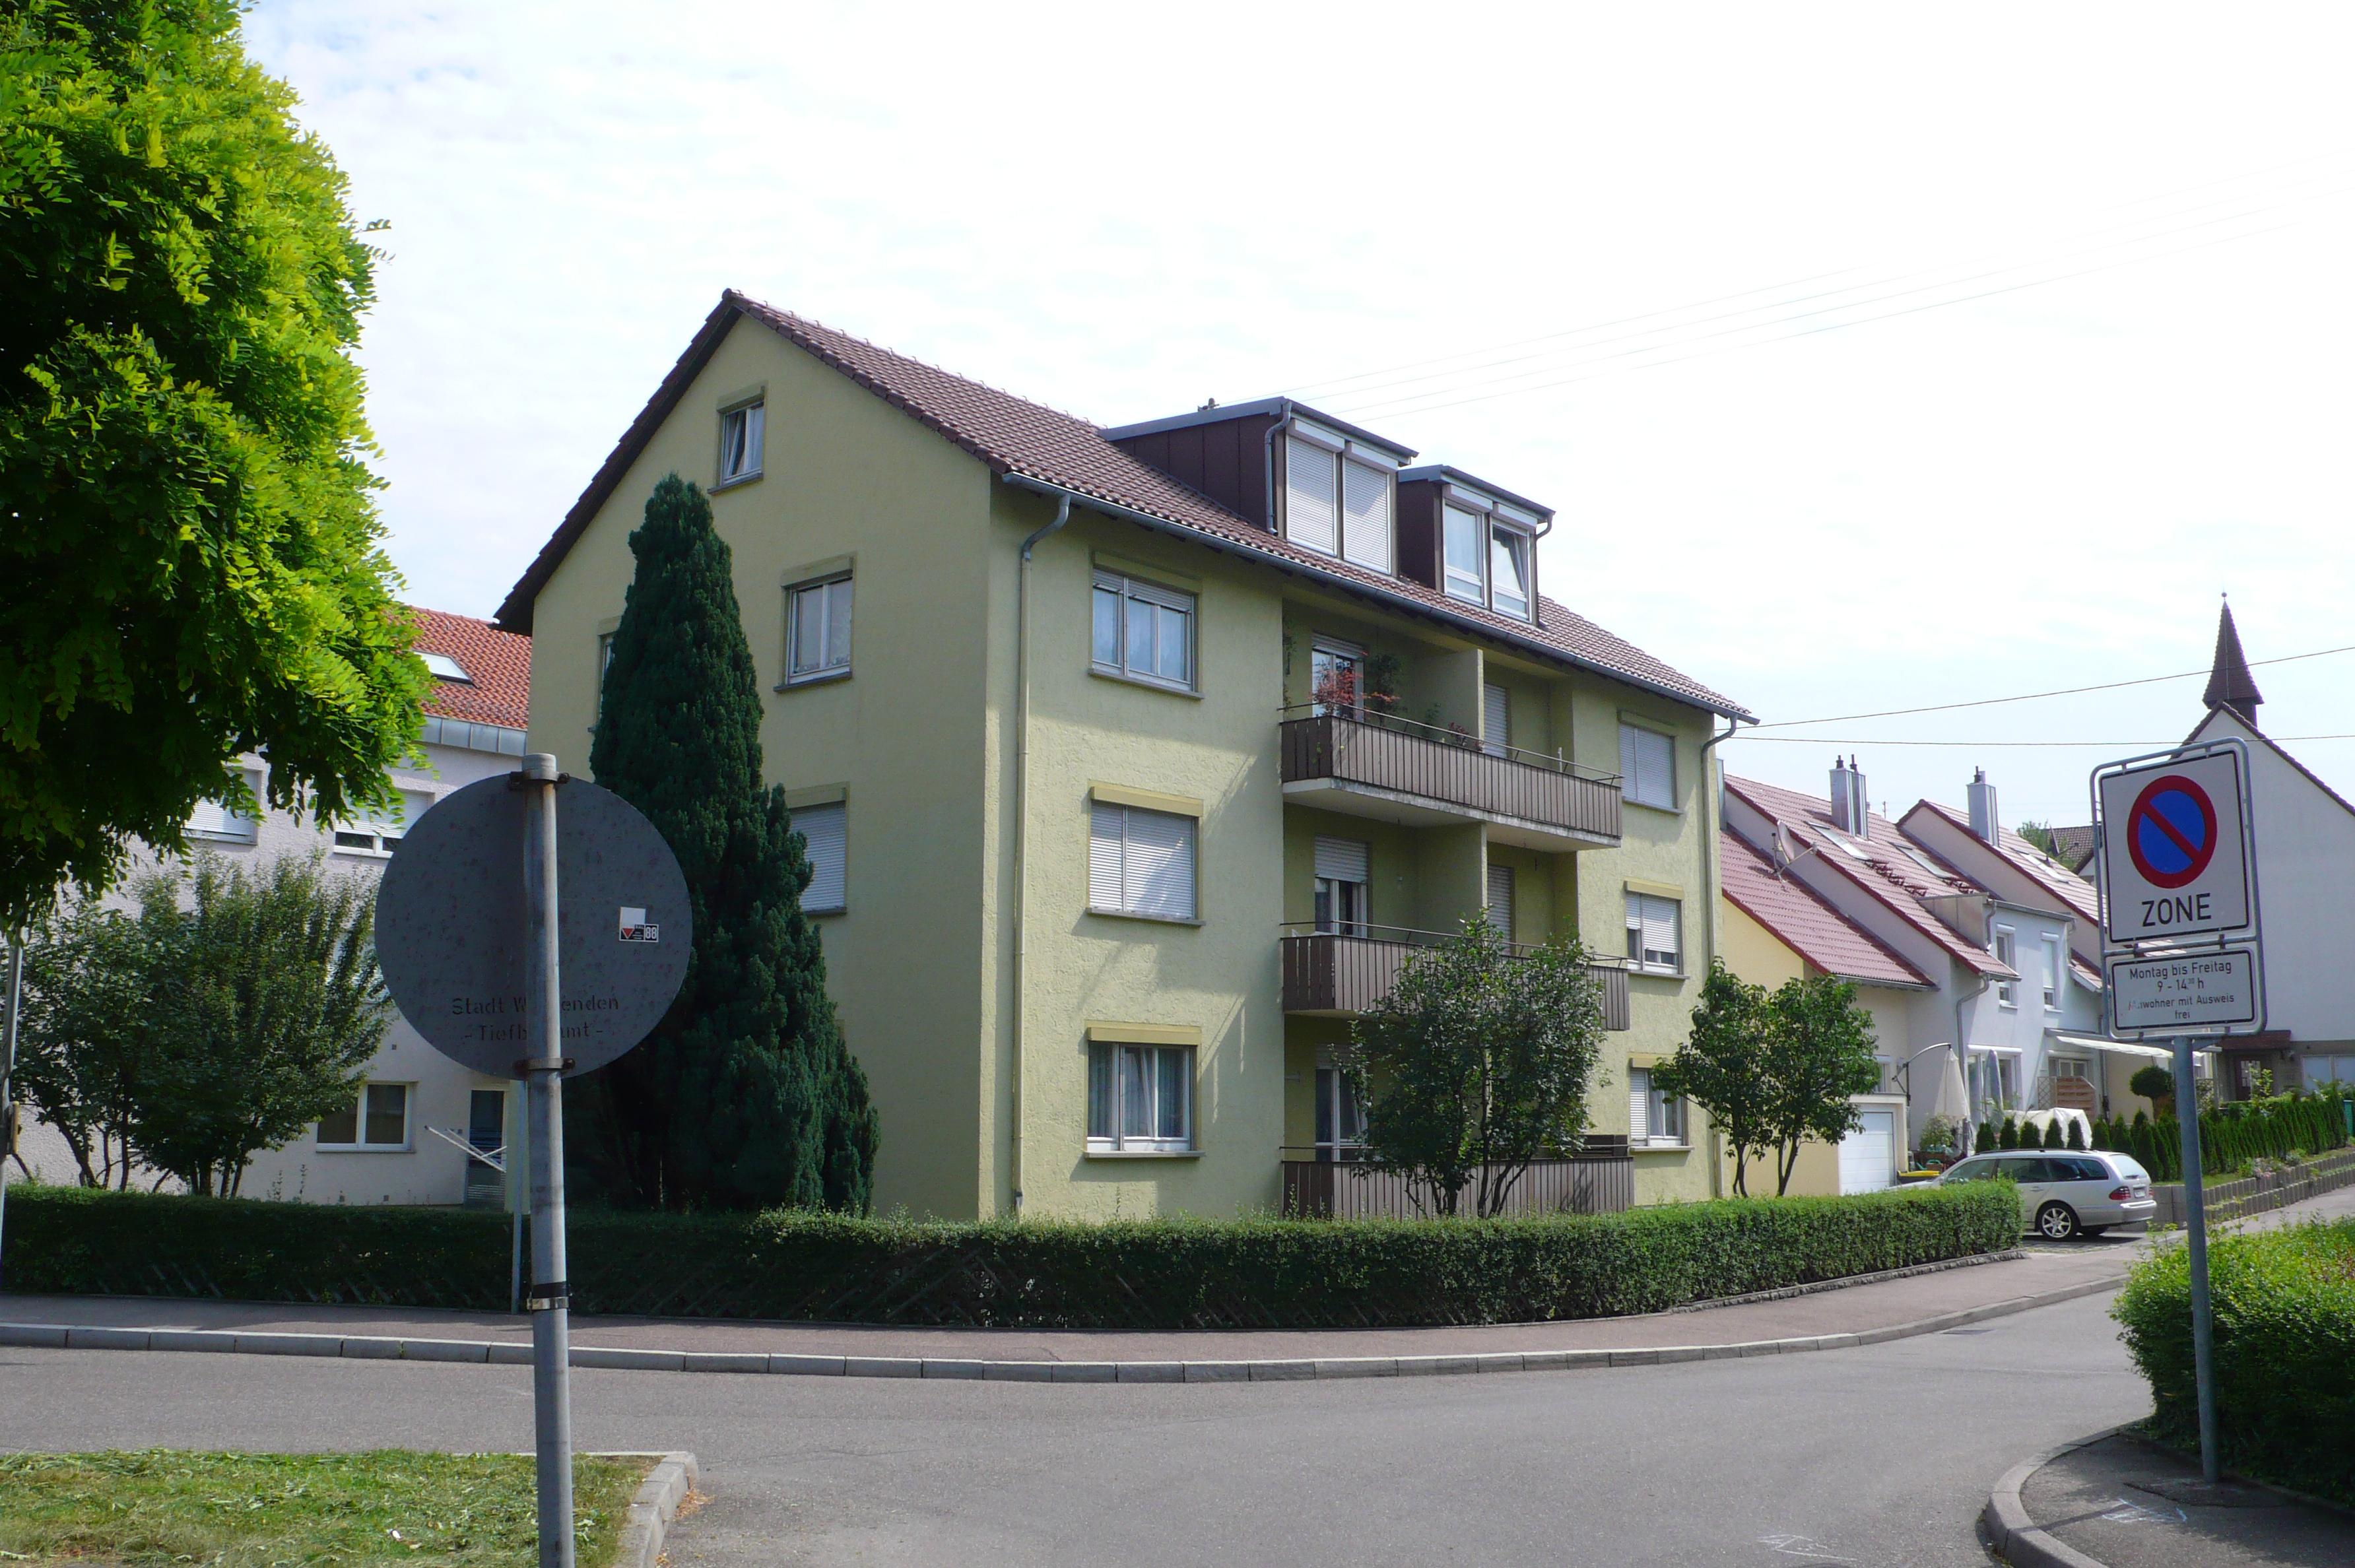 P1000332 - Alle BGW-Häuser